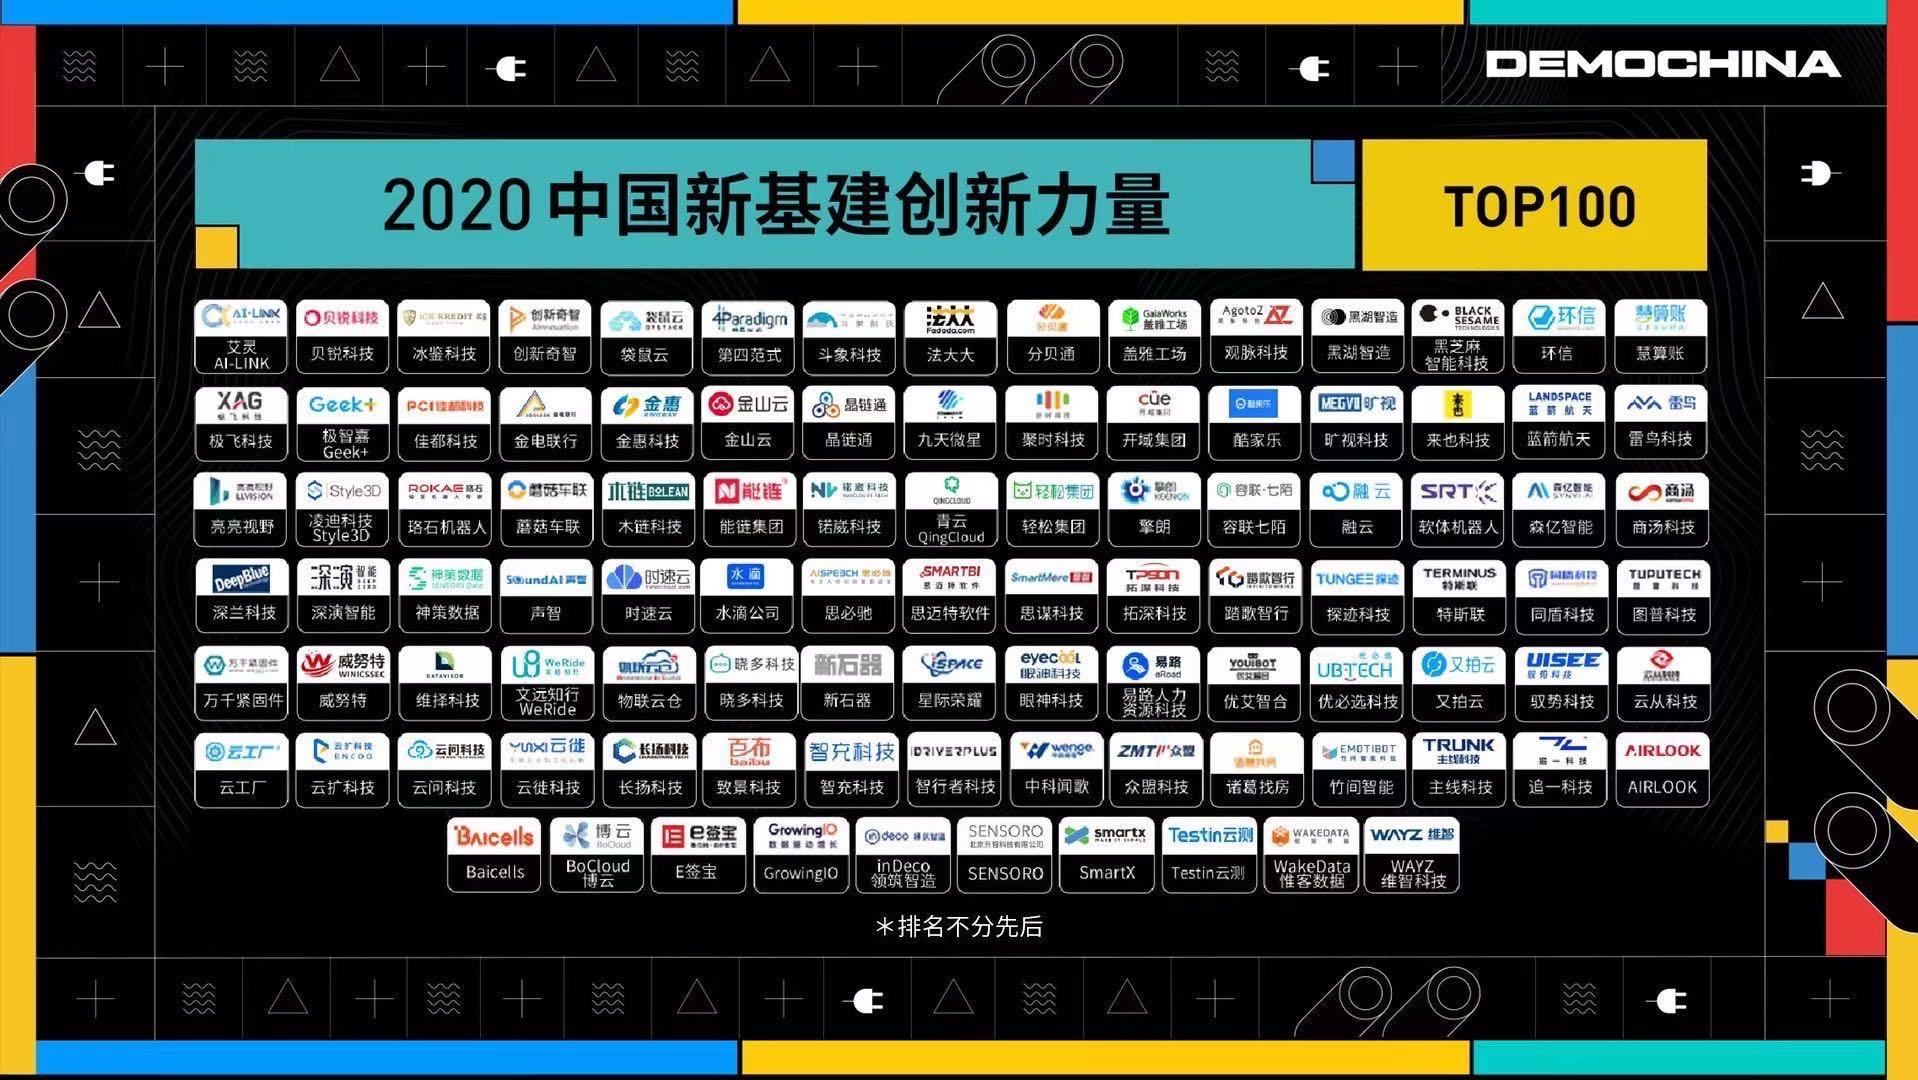 https://dhadmin.yungongchang.com/upload/dfr/yungongc/1.jpg